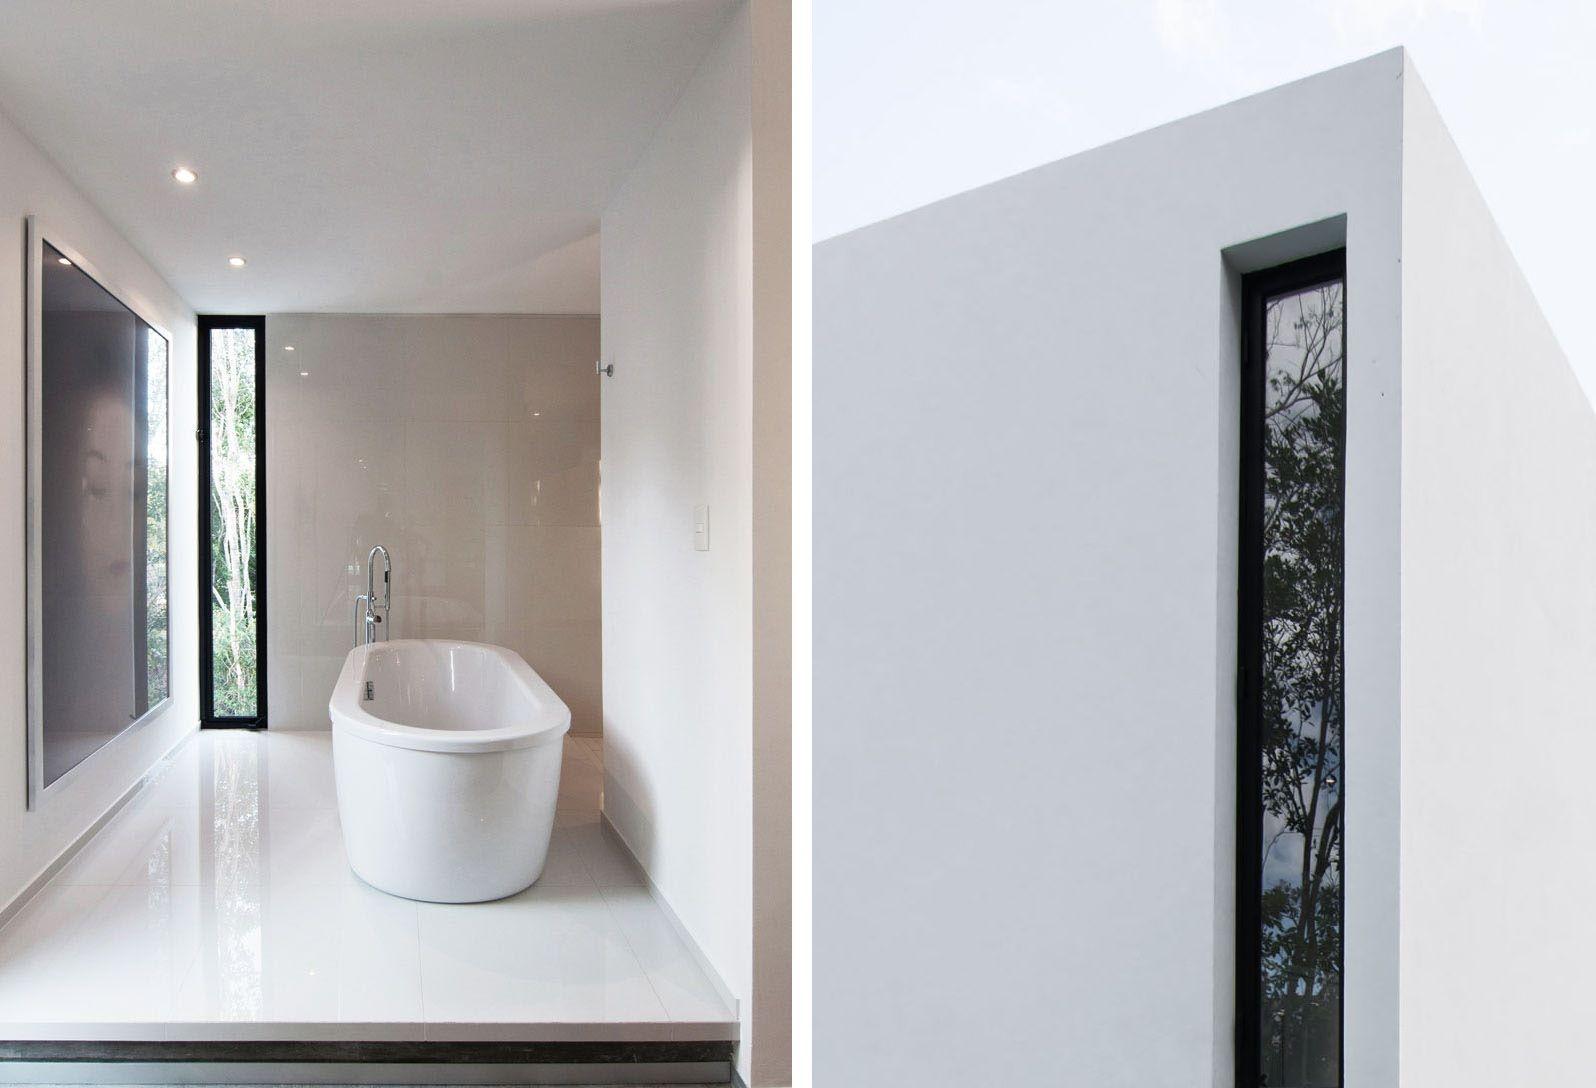 Take Bathroom Windows To The Next Level